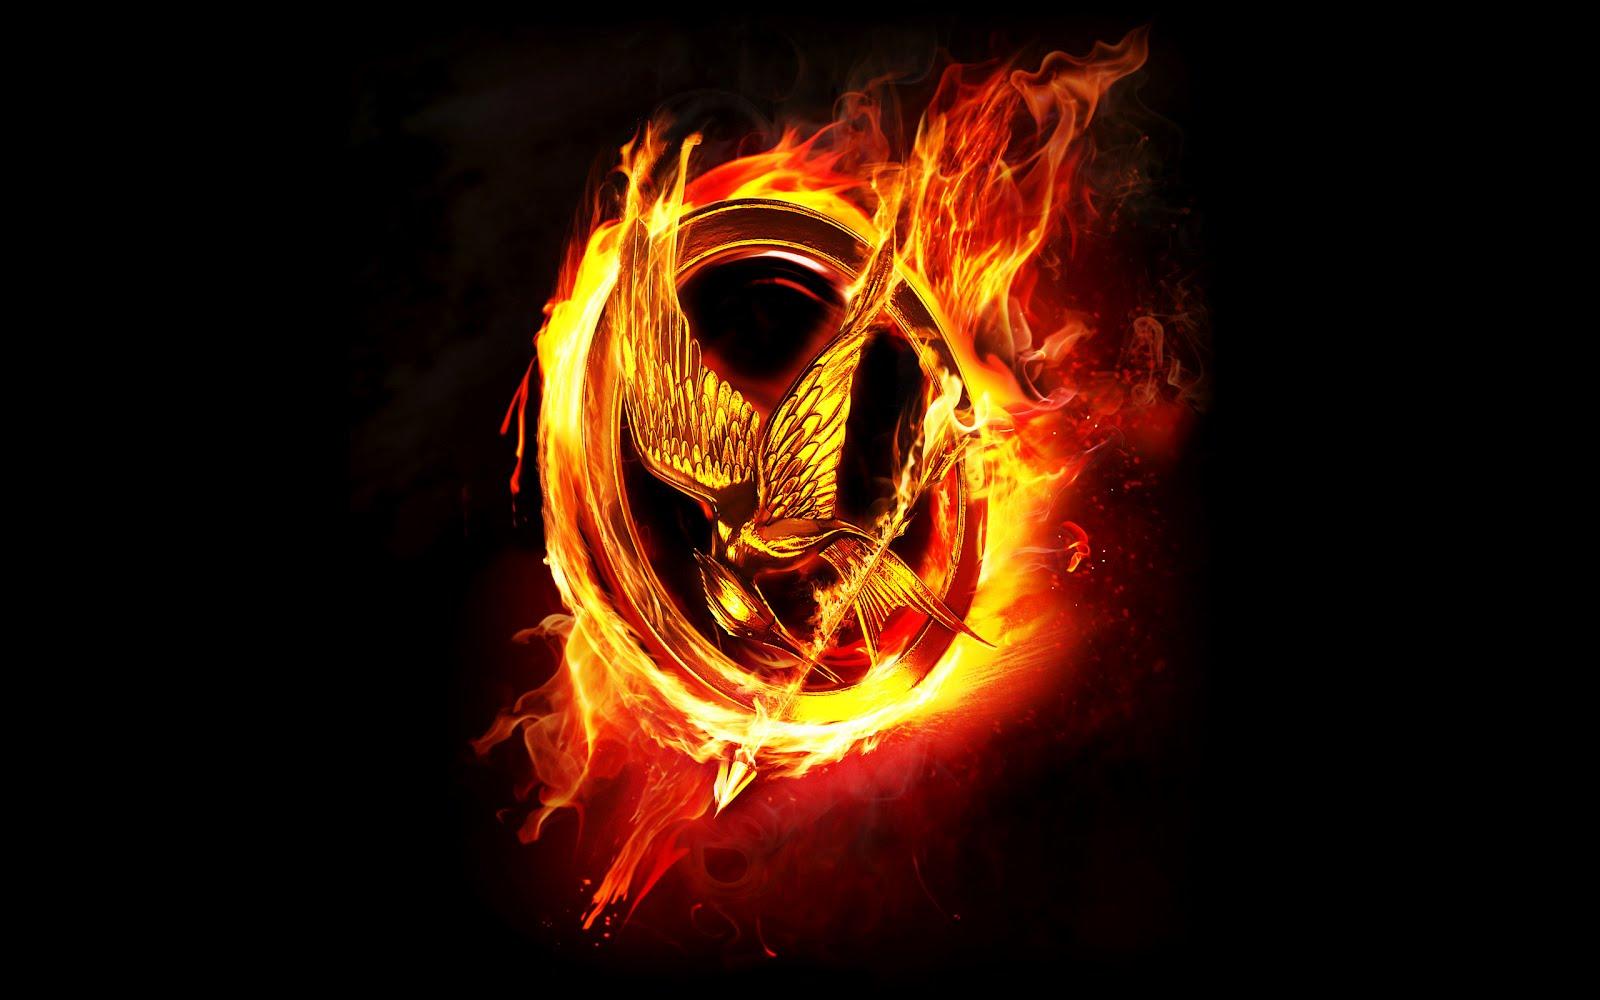 The Hunger Games 3D Desktop Wallpapers New 3D Desktop Wallpapers 1600x1000